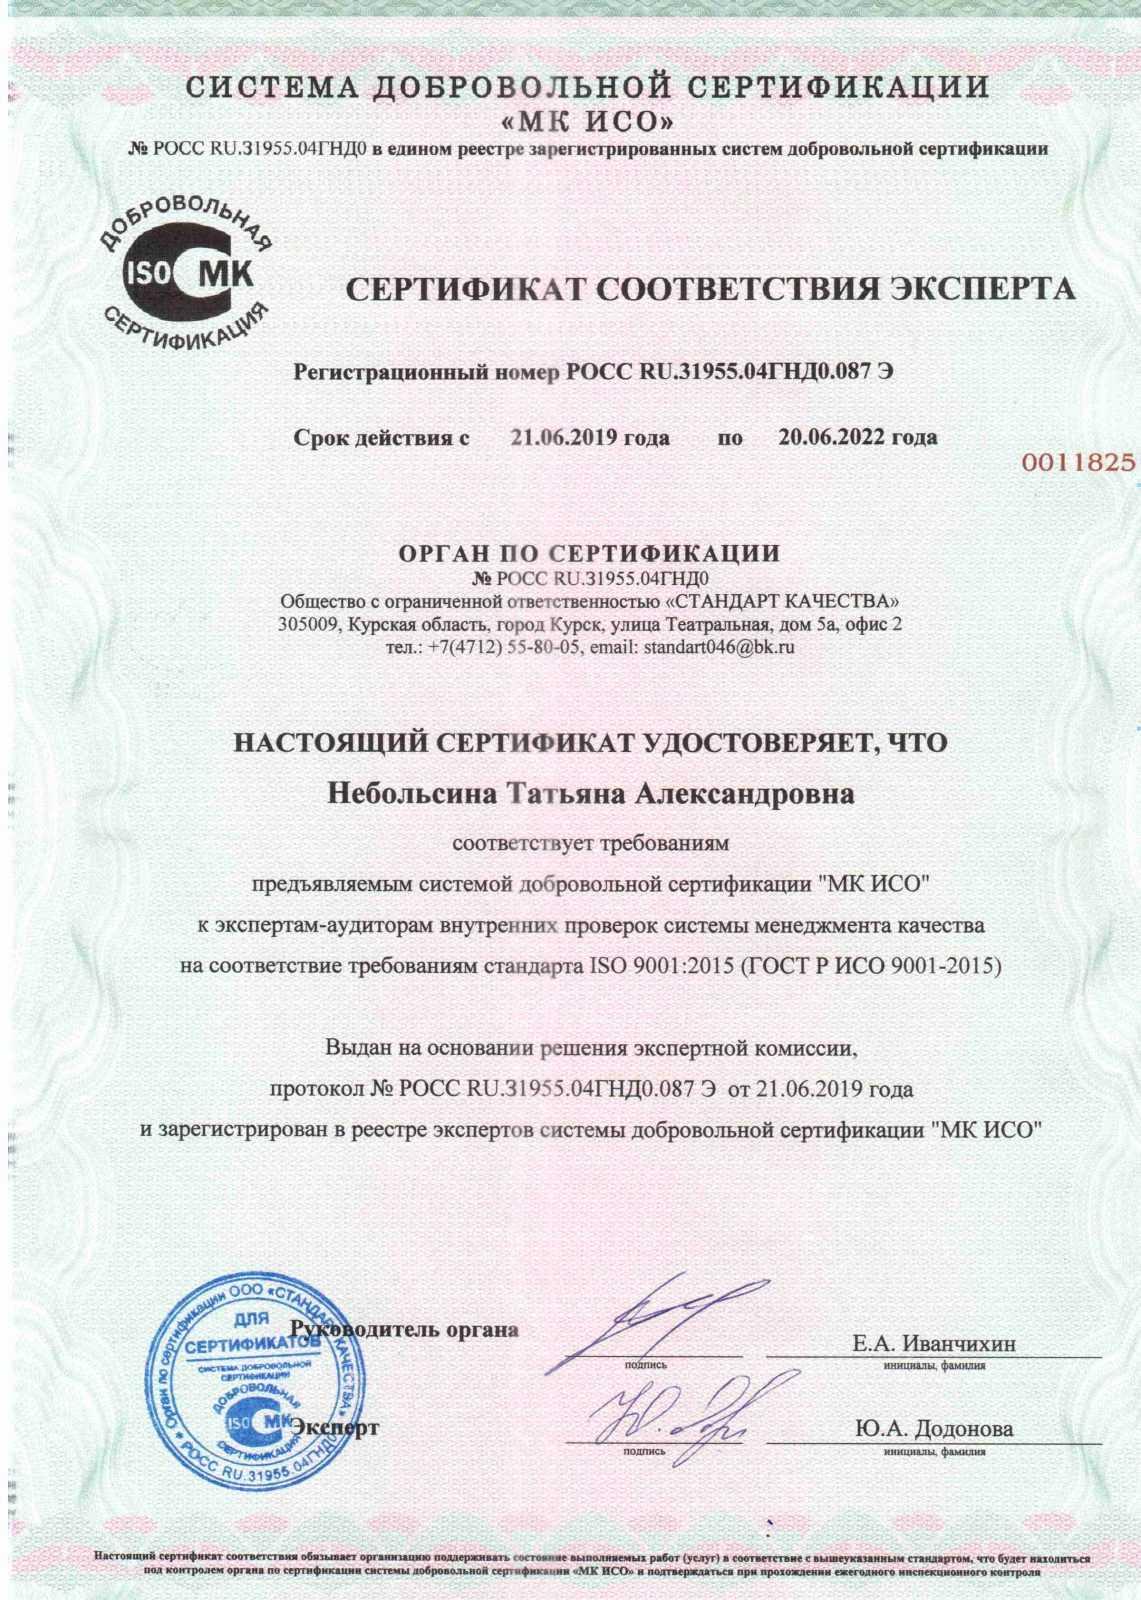 сертификат менеджмента качества ГОСТ ISO 9001:2015